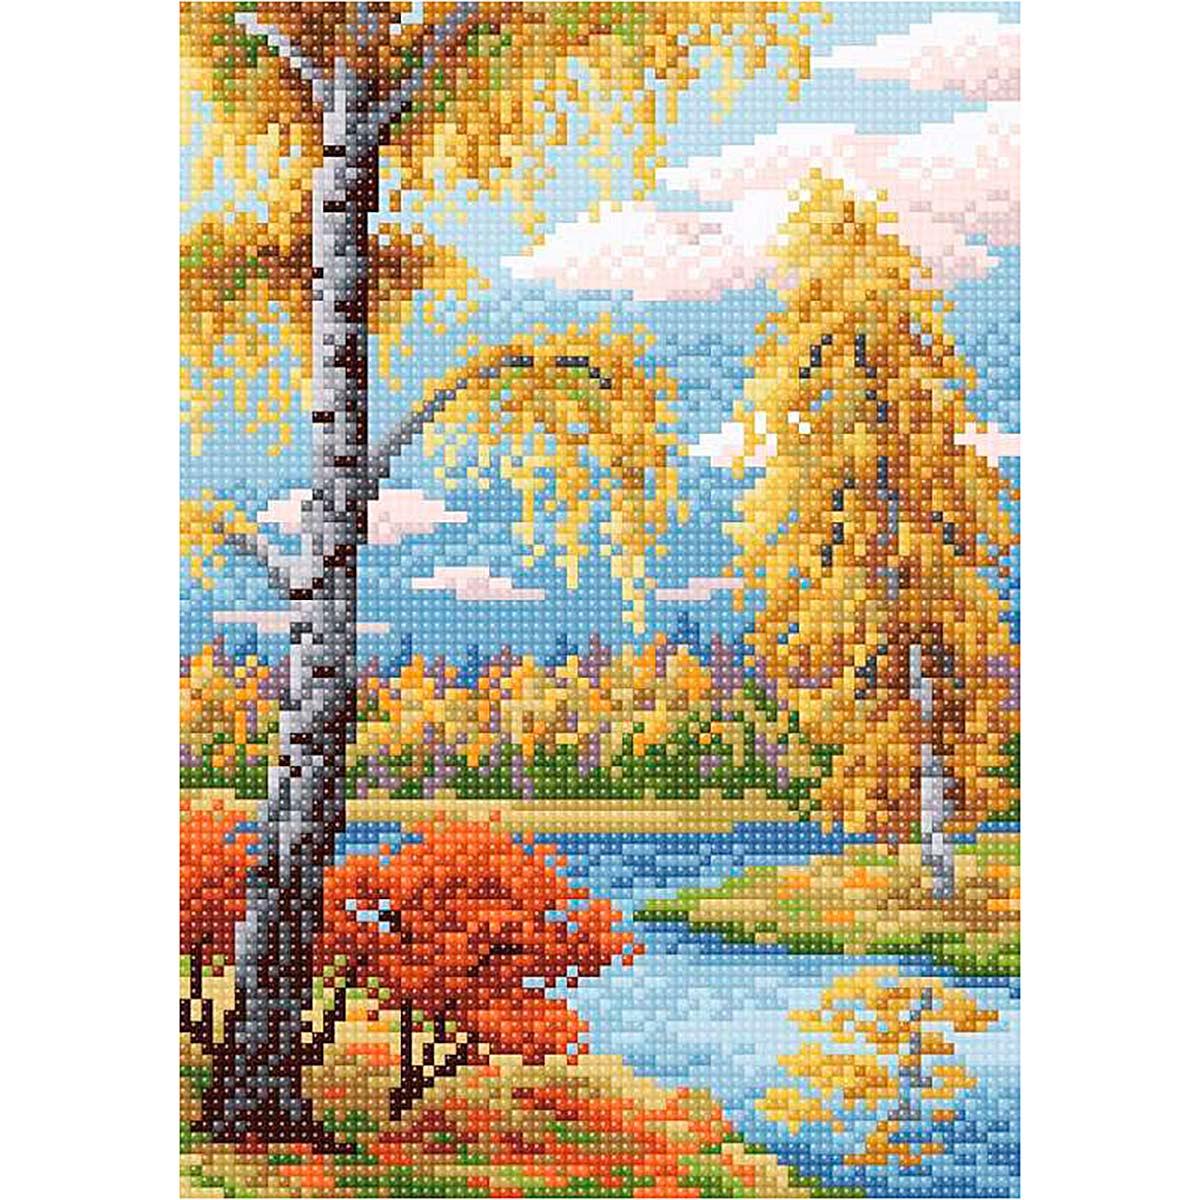 МС 010 Алмазная мозаика 'Осенний пейзаж'19*27см Brilliart